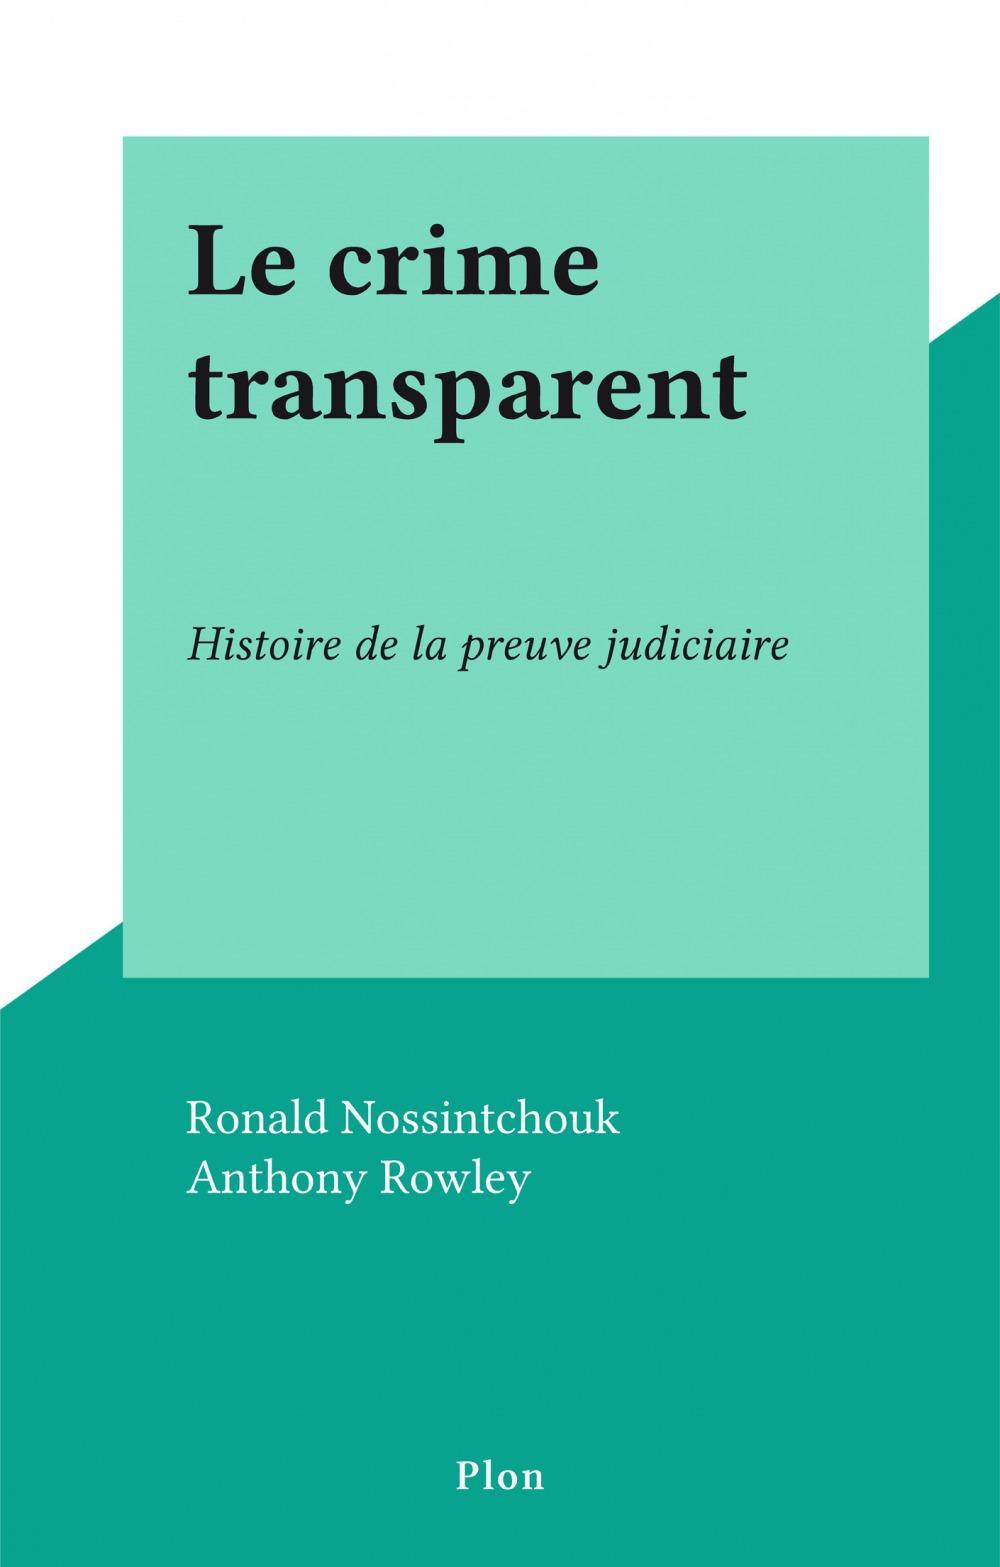 Le crime transparent